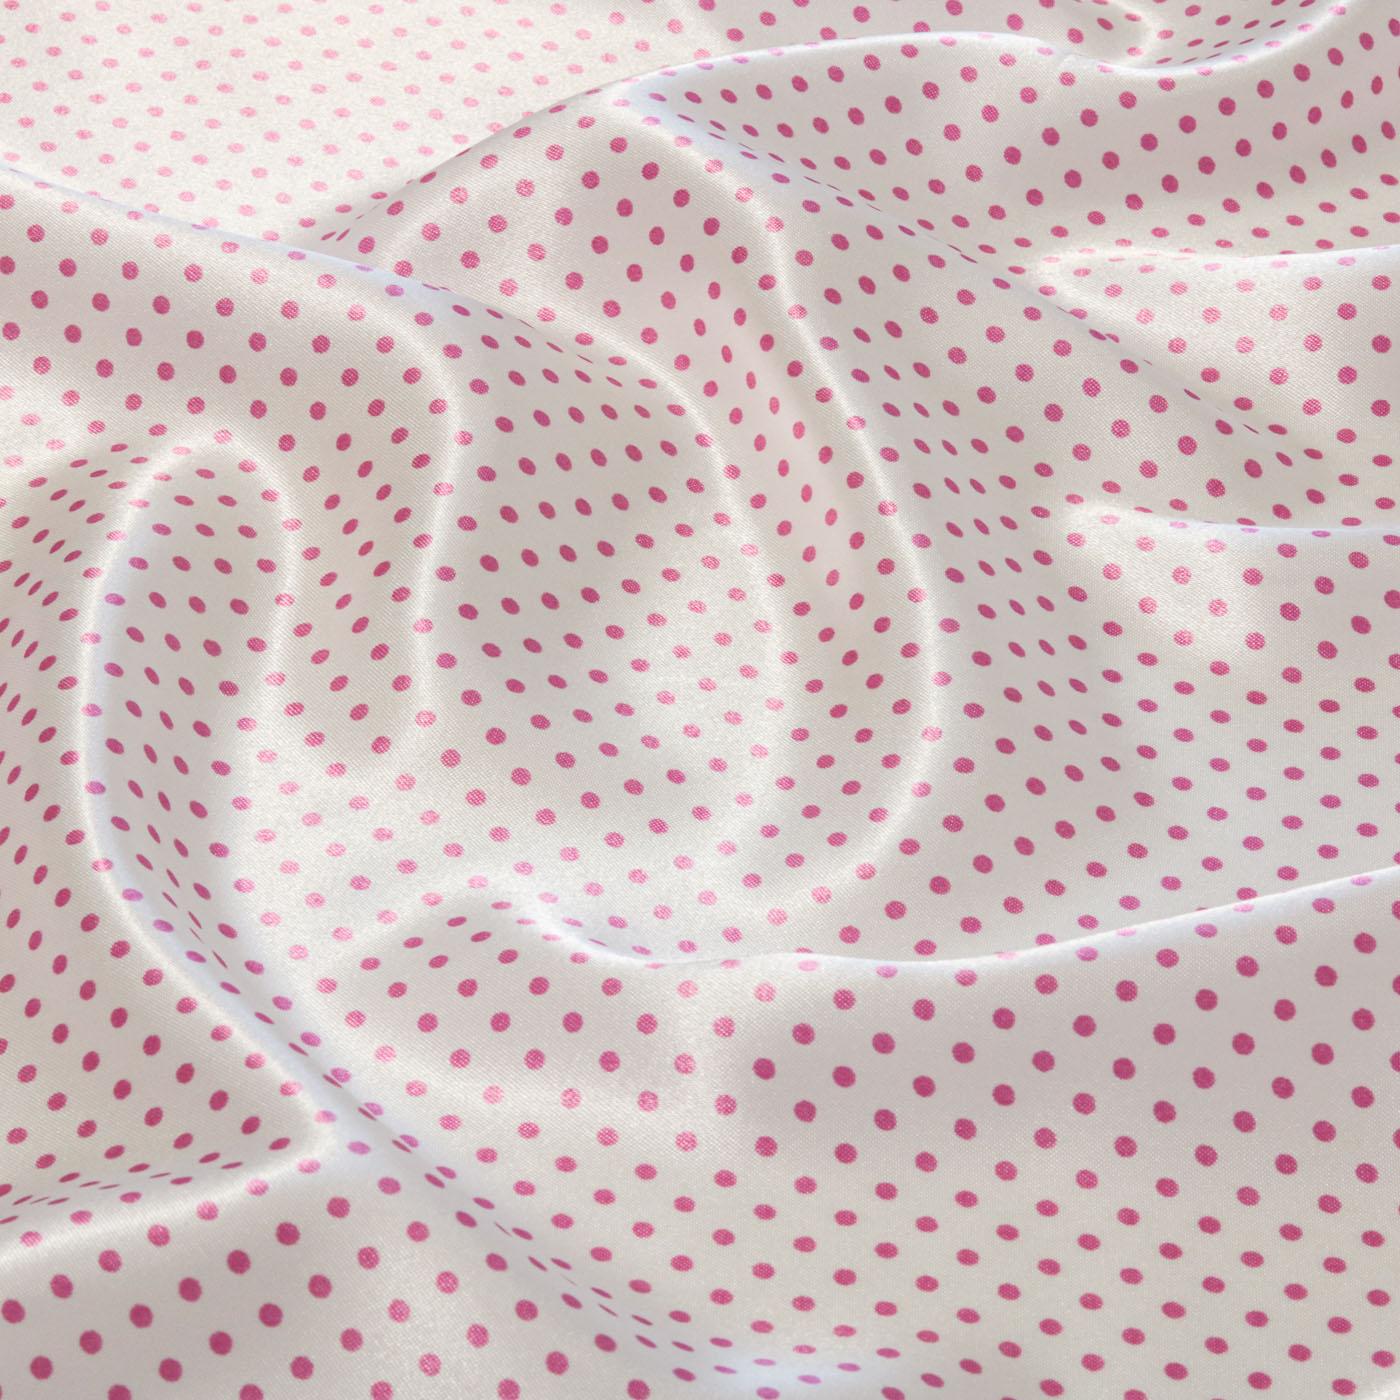 Tecido Cetim Estampado Poa Bolinha 1,40m Largura Rosa